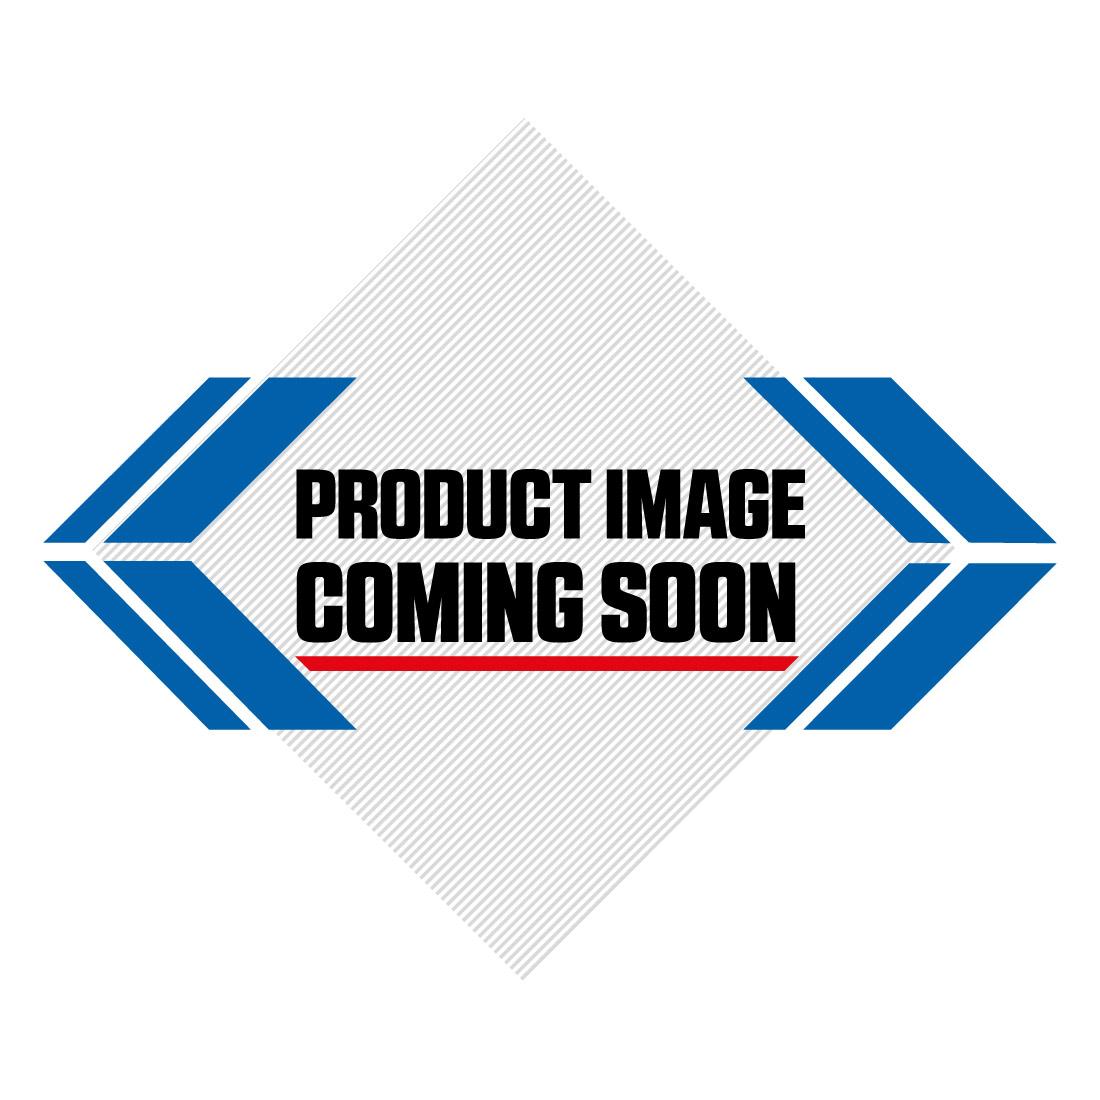 Kawasaki Plastic Kit KX 125 250 (99-02) OEM Factory Image-3